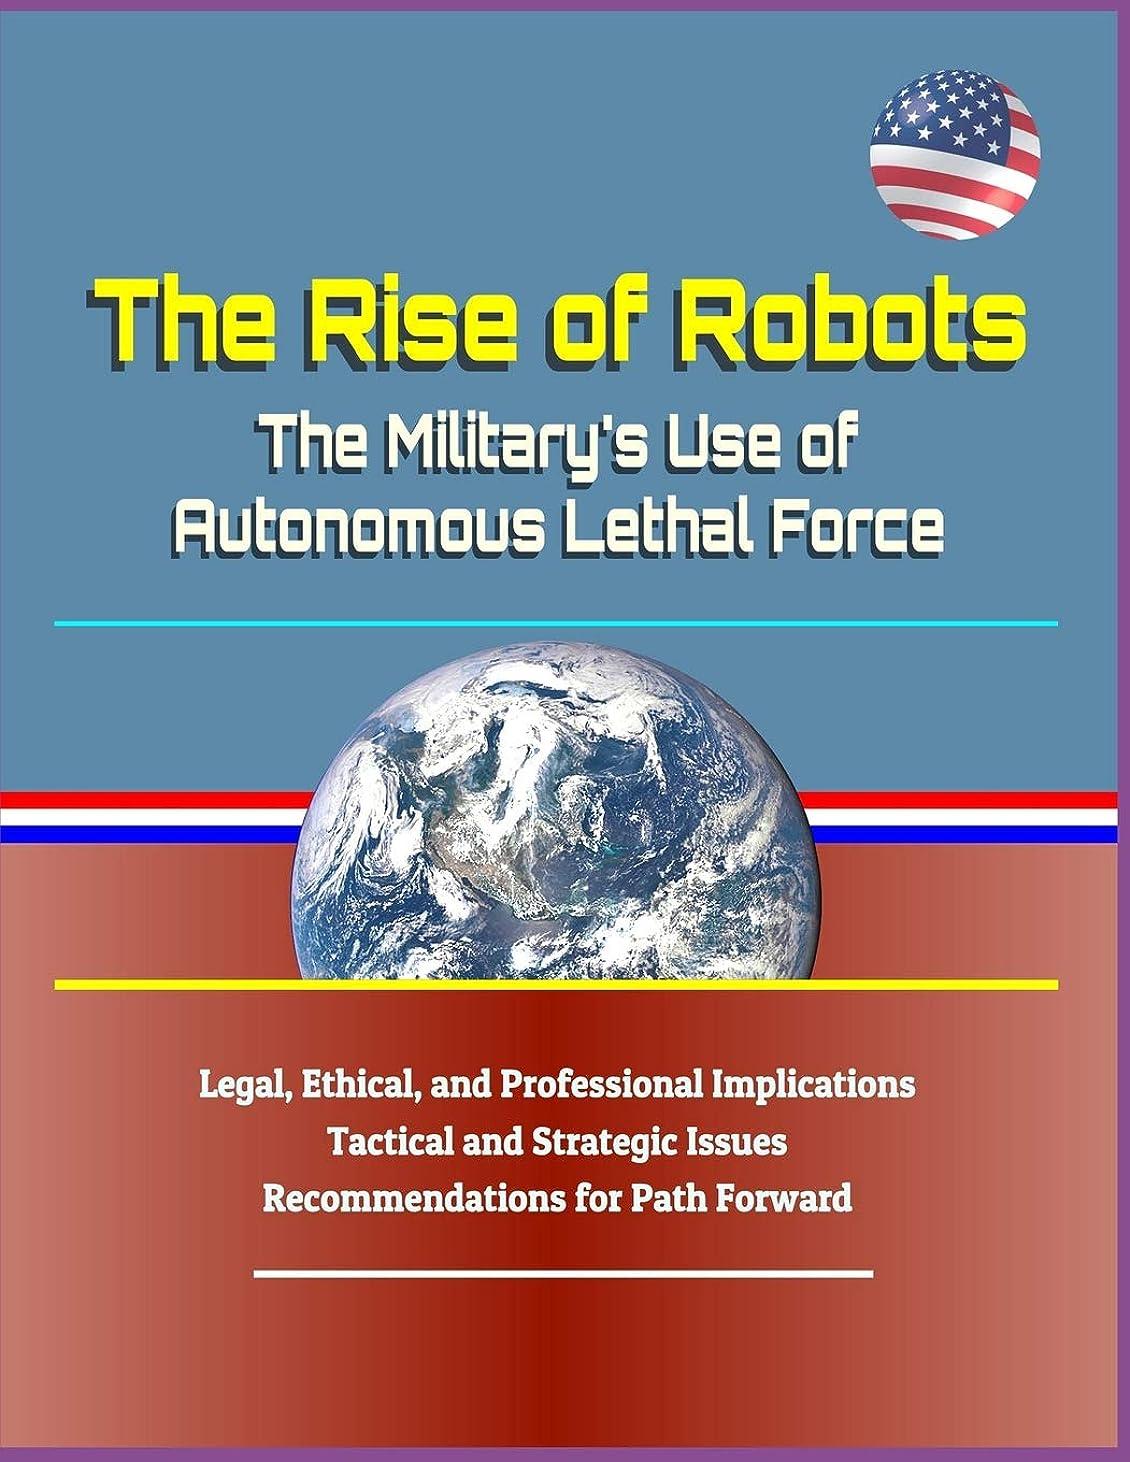 広いメトリック成功The Rise of Robots: The Military's Use of Autonomous Lethal Force - Legal, Ethical, and Professional Implications, Tactical and Strategic Issues, Recommendations for Path Forward